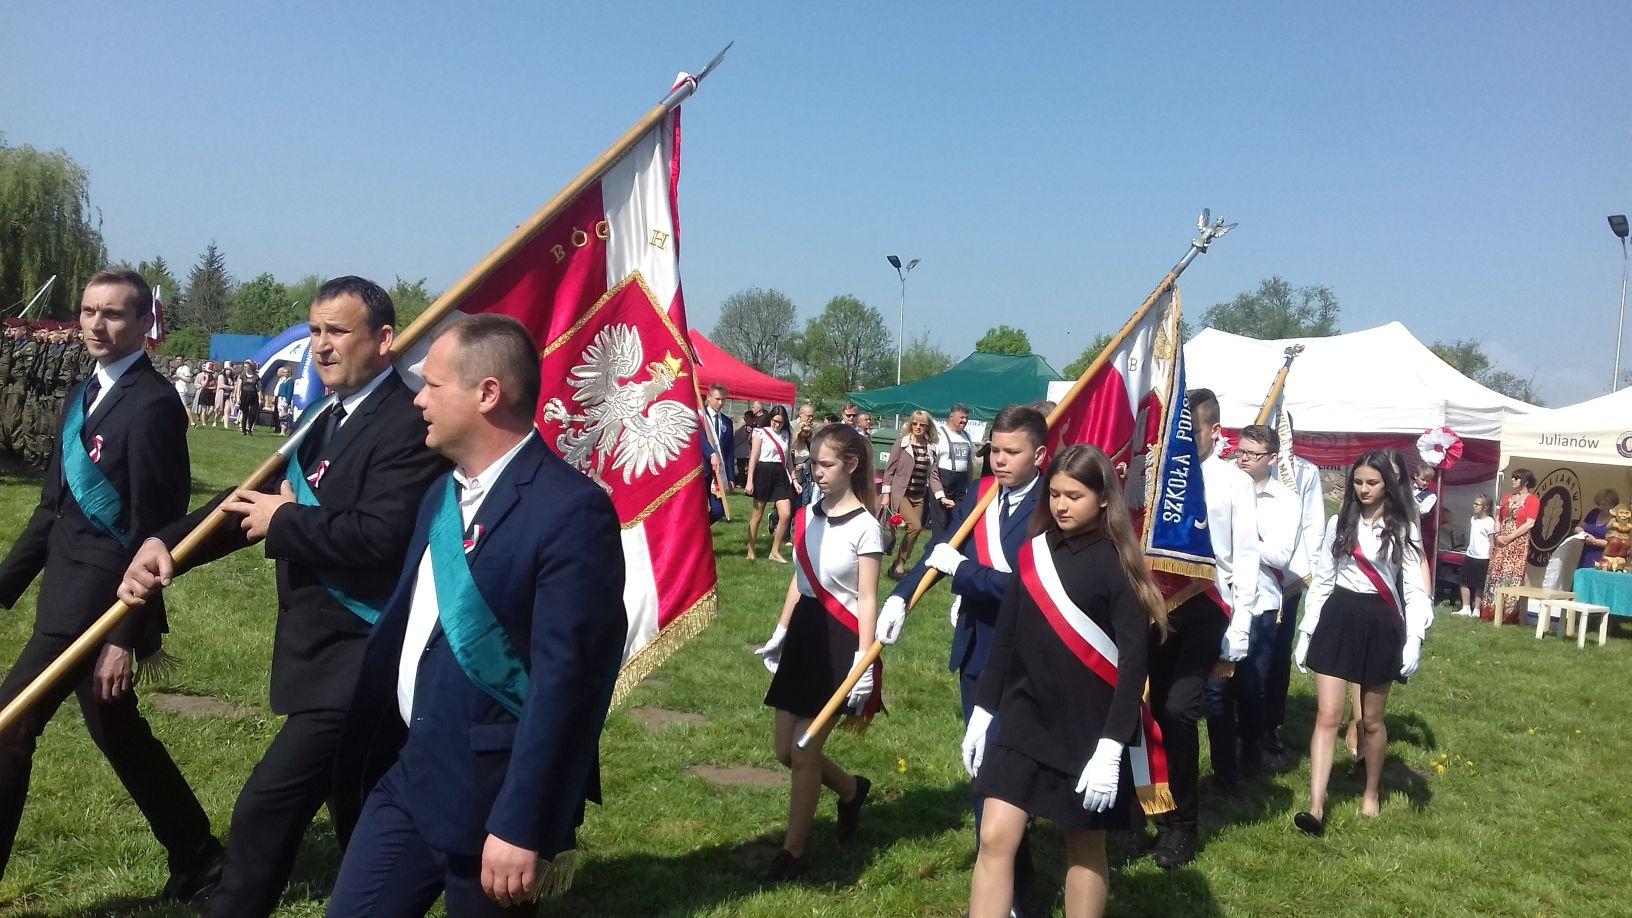 2018-05-03 Rawa Mazowiecka - Radosne Święto (7)